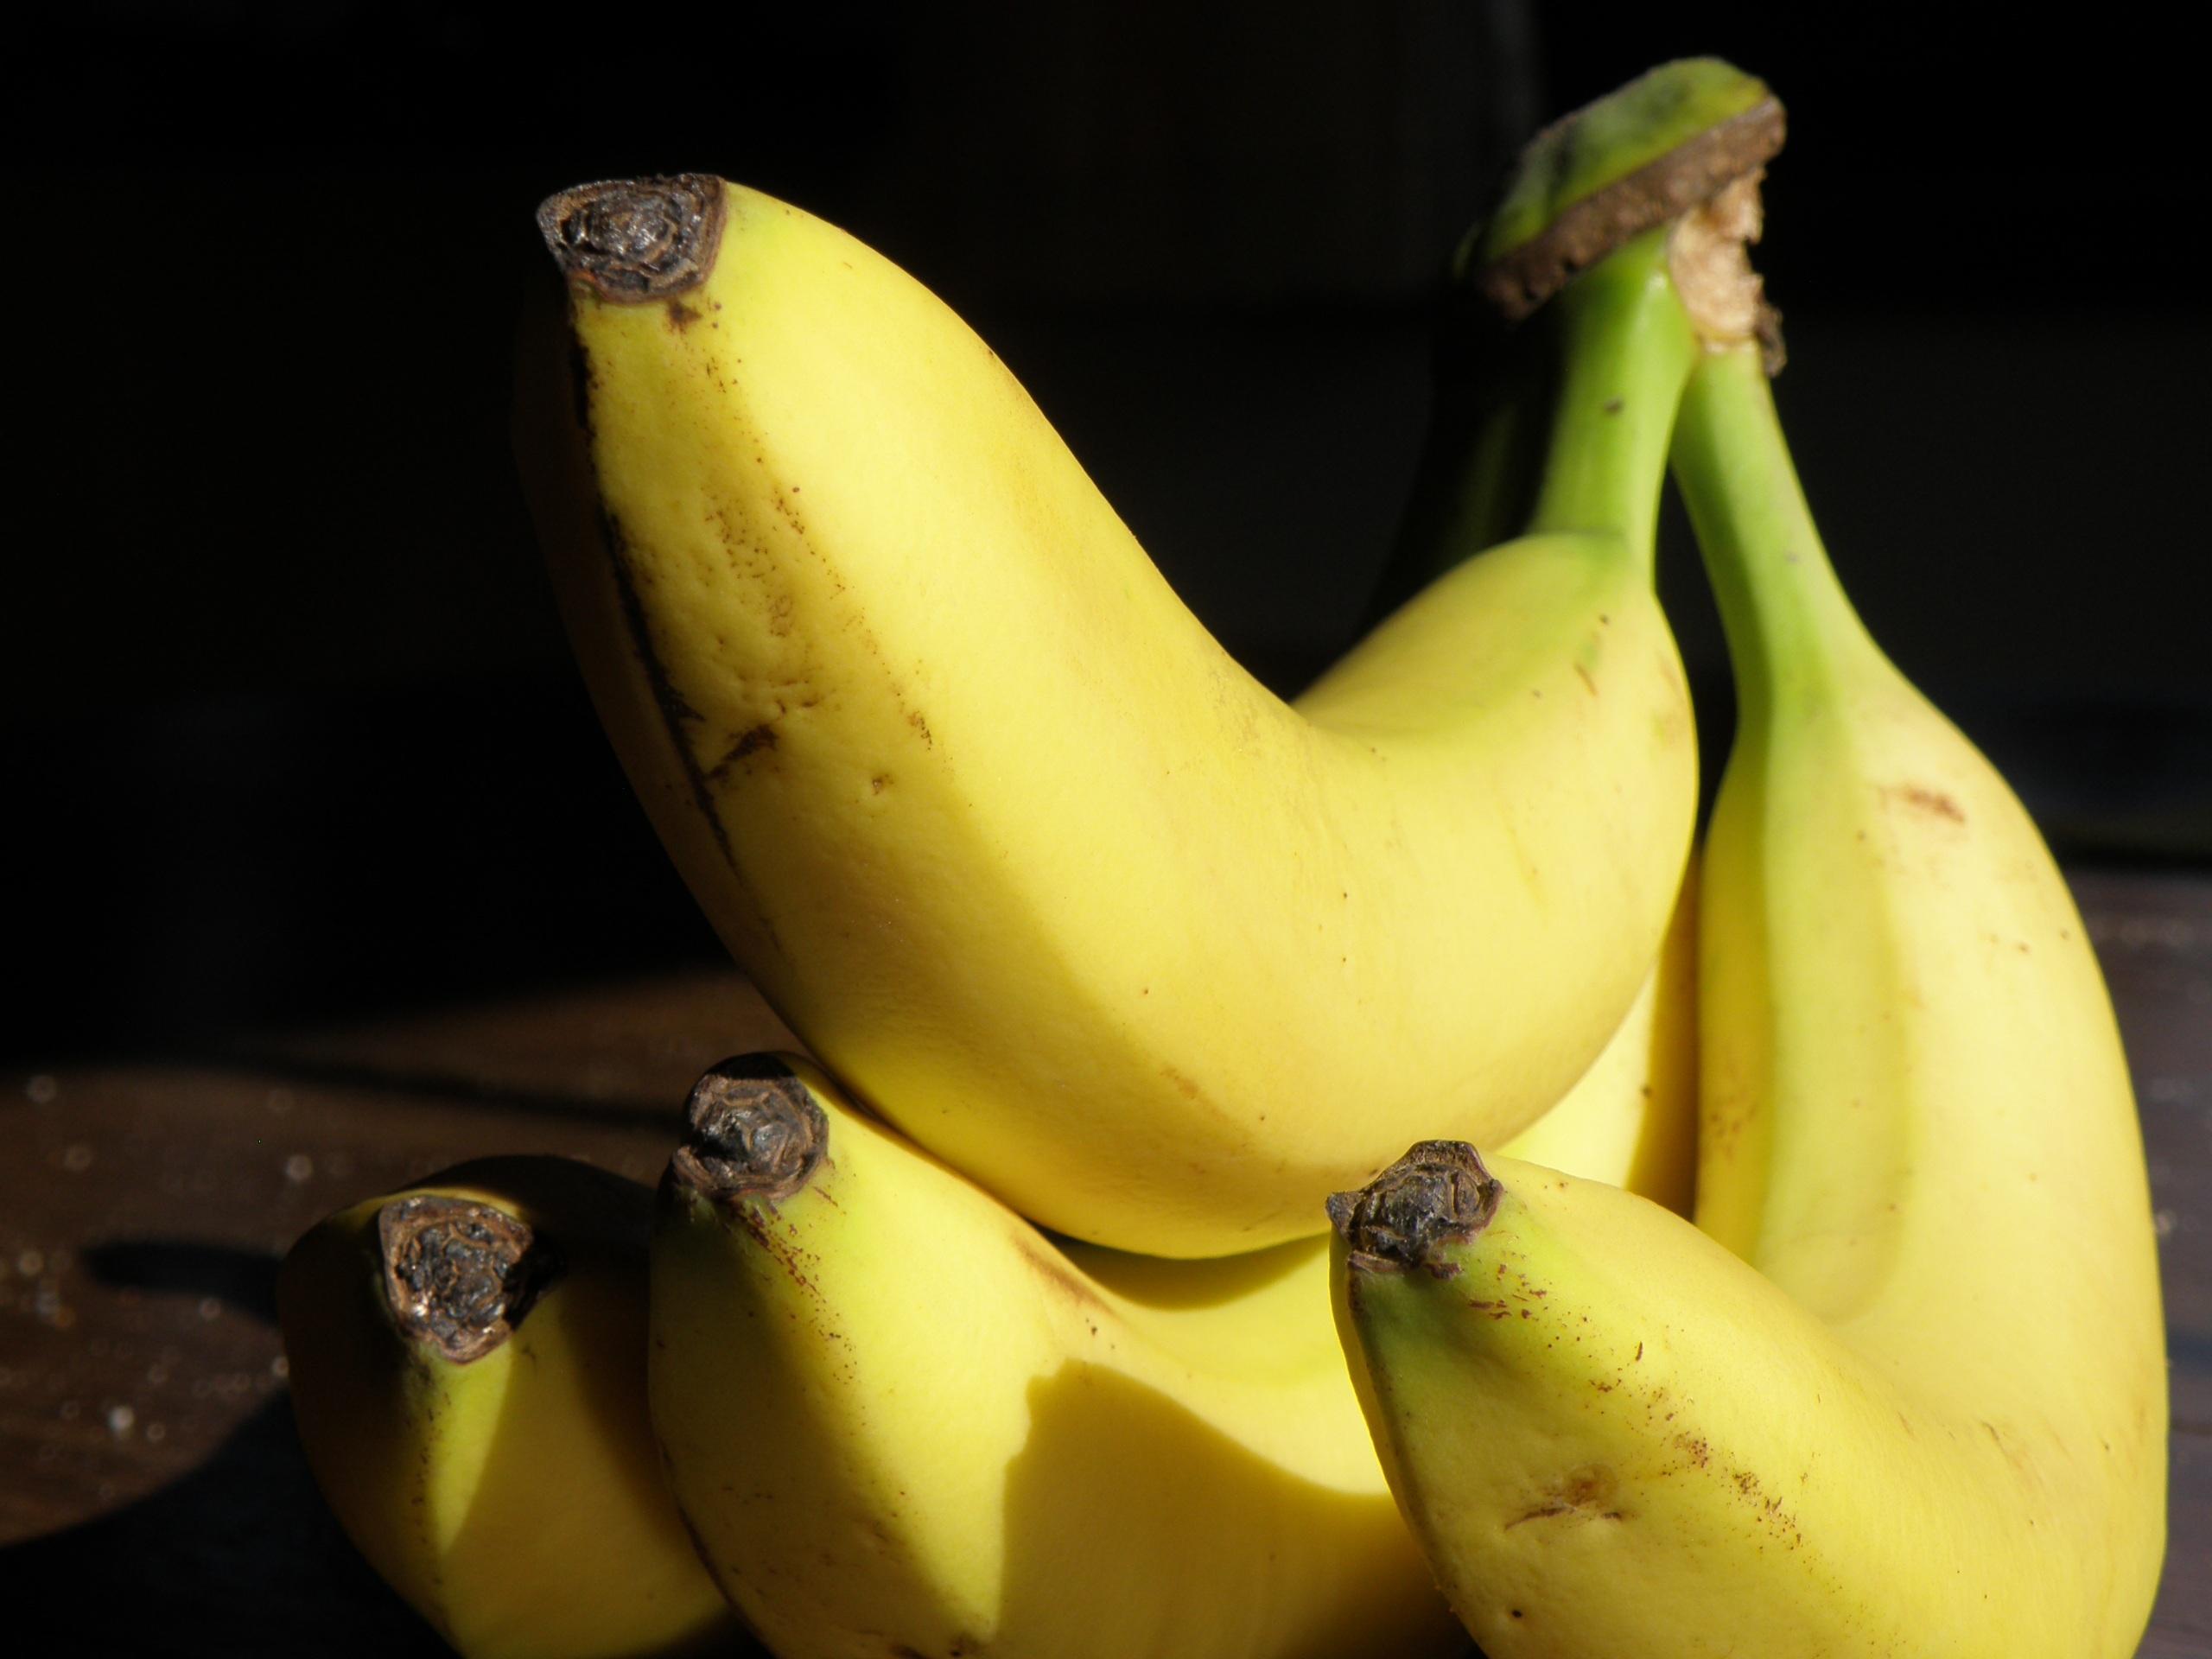 Бананас артемовск официальный сайт фото помогут справиться